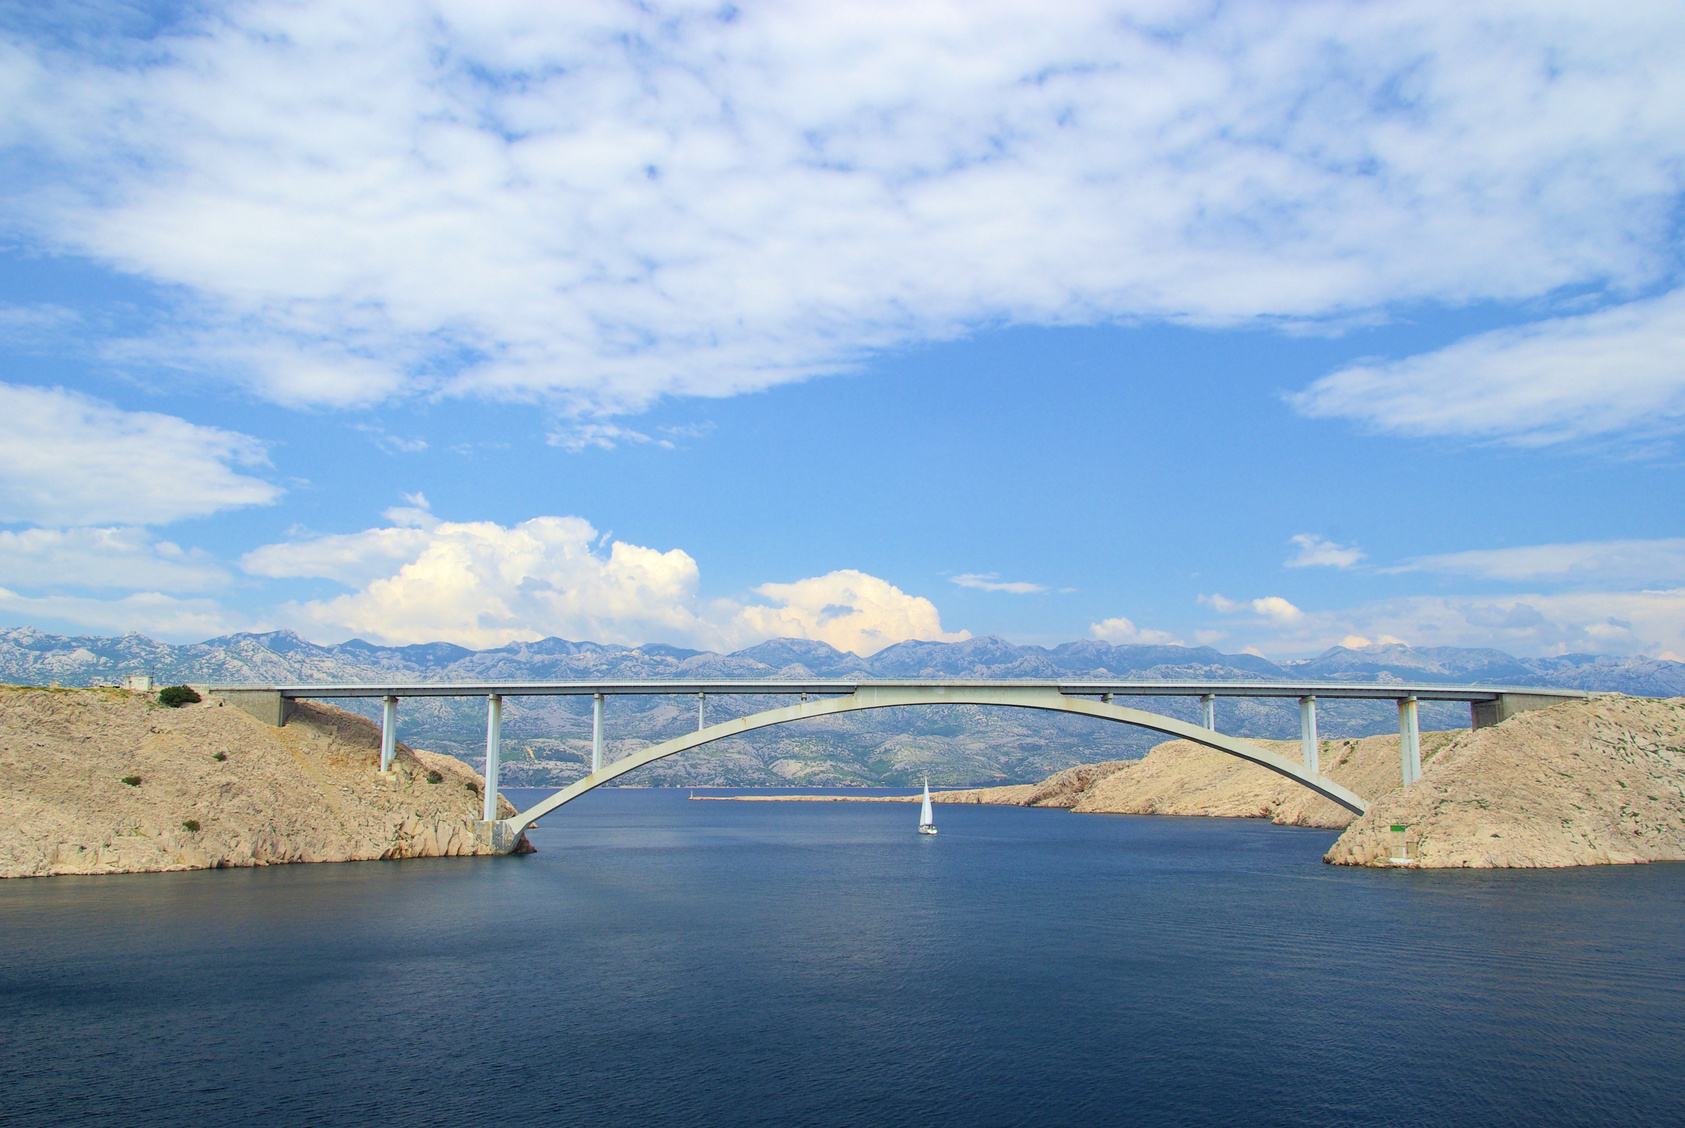 Pag island bridge wind